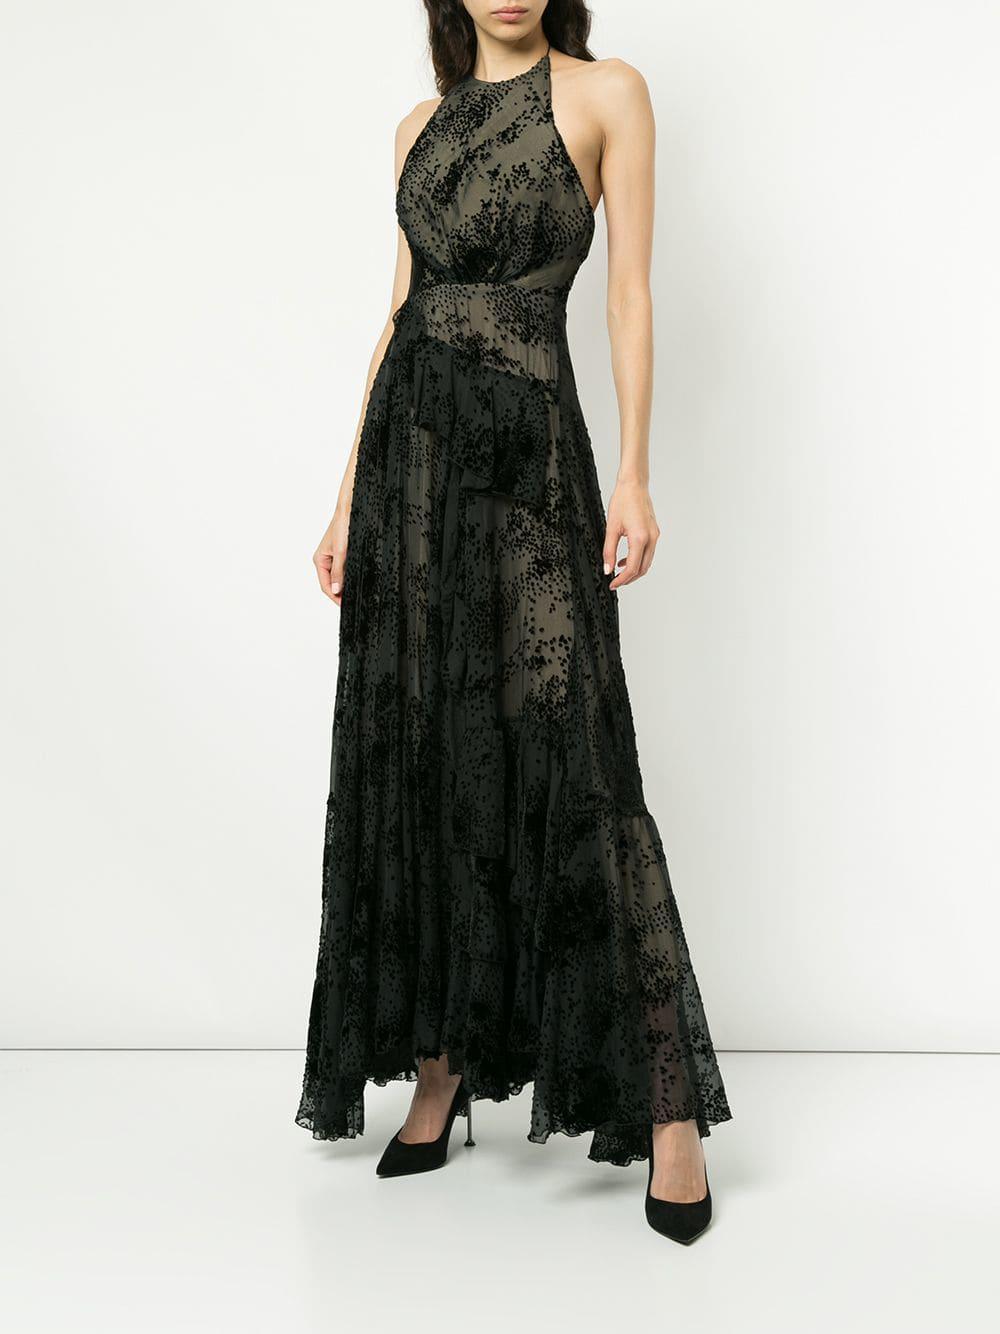 6a5b9ff829e Lyst - Alex Perry Halterneck Long Dress in Black